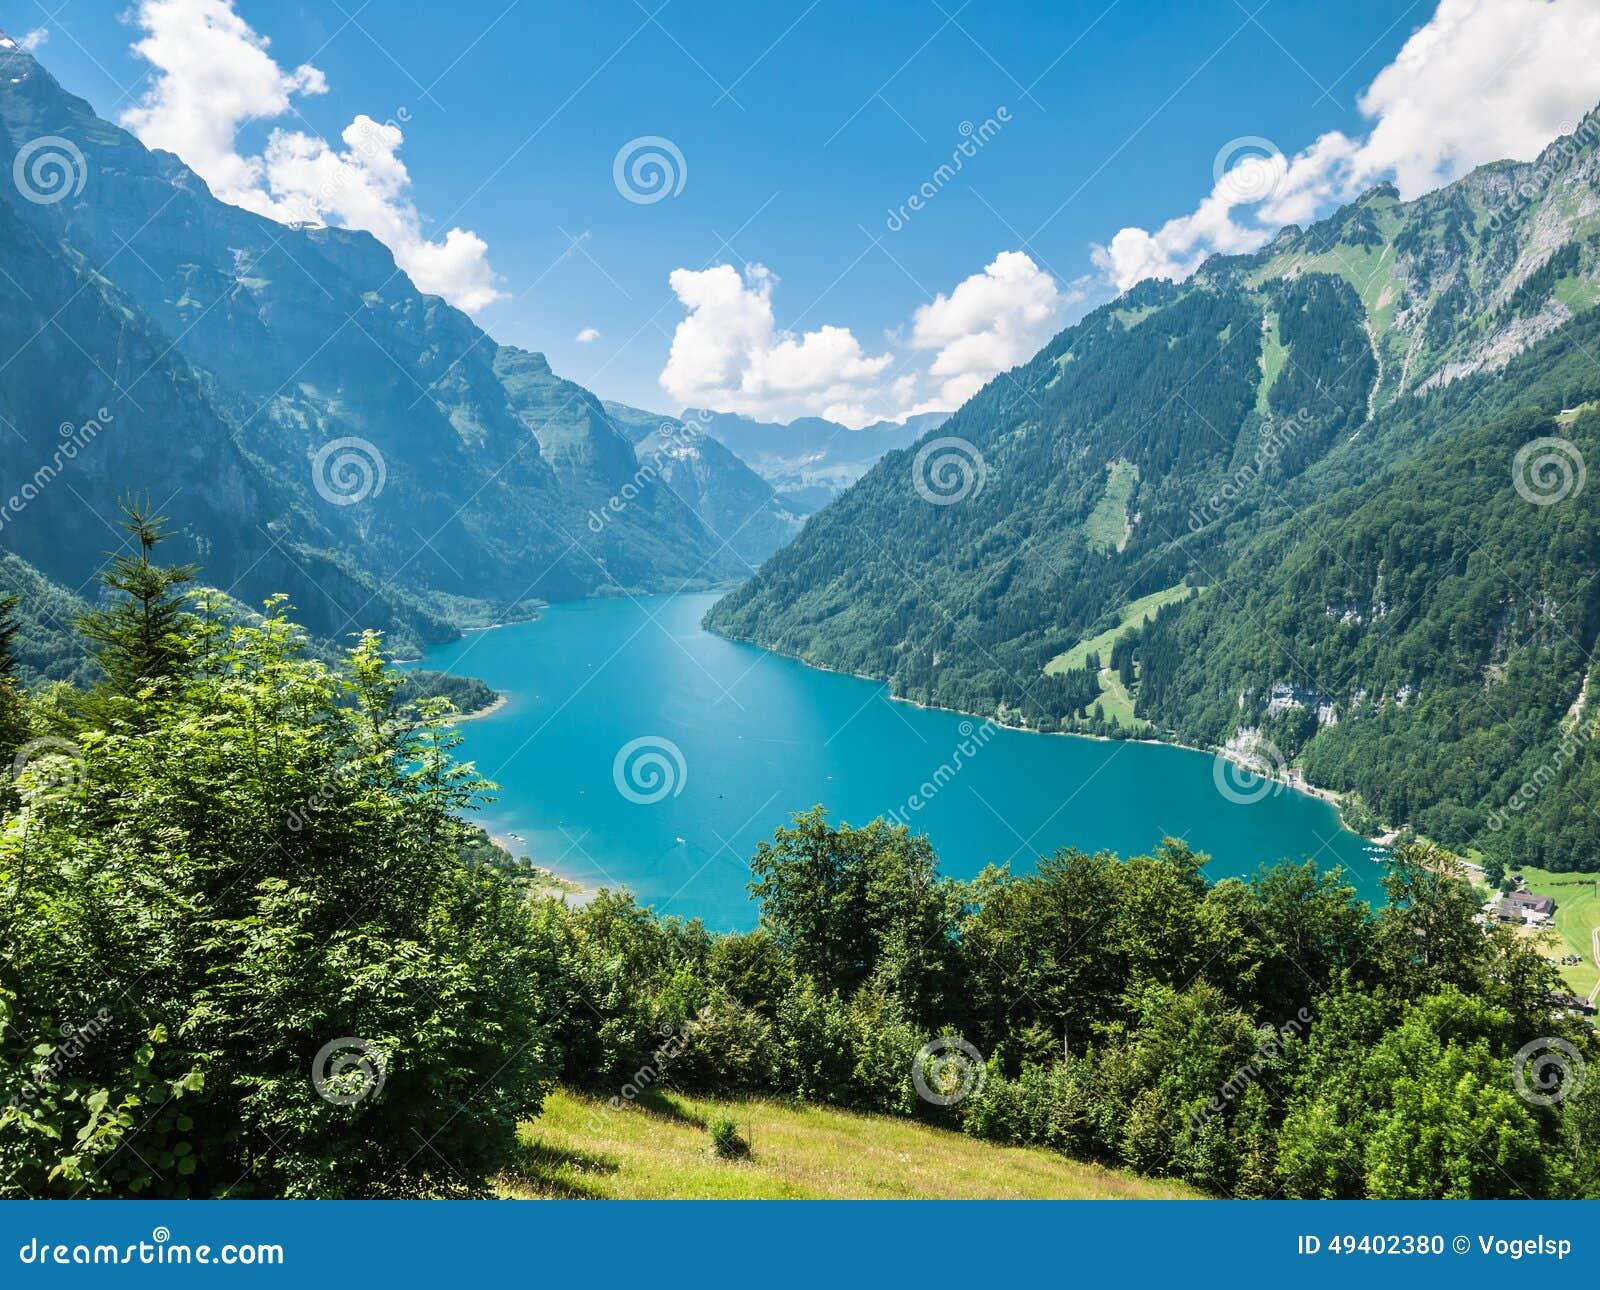 Download Kloentaler See im Sommer stockfoto. Bild von wald, blau - 49402380